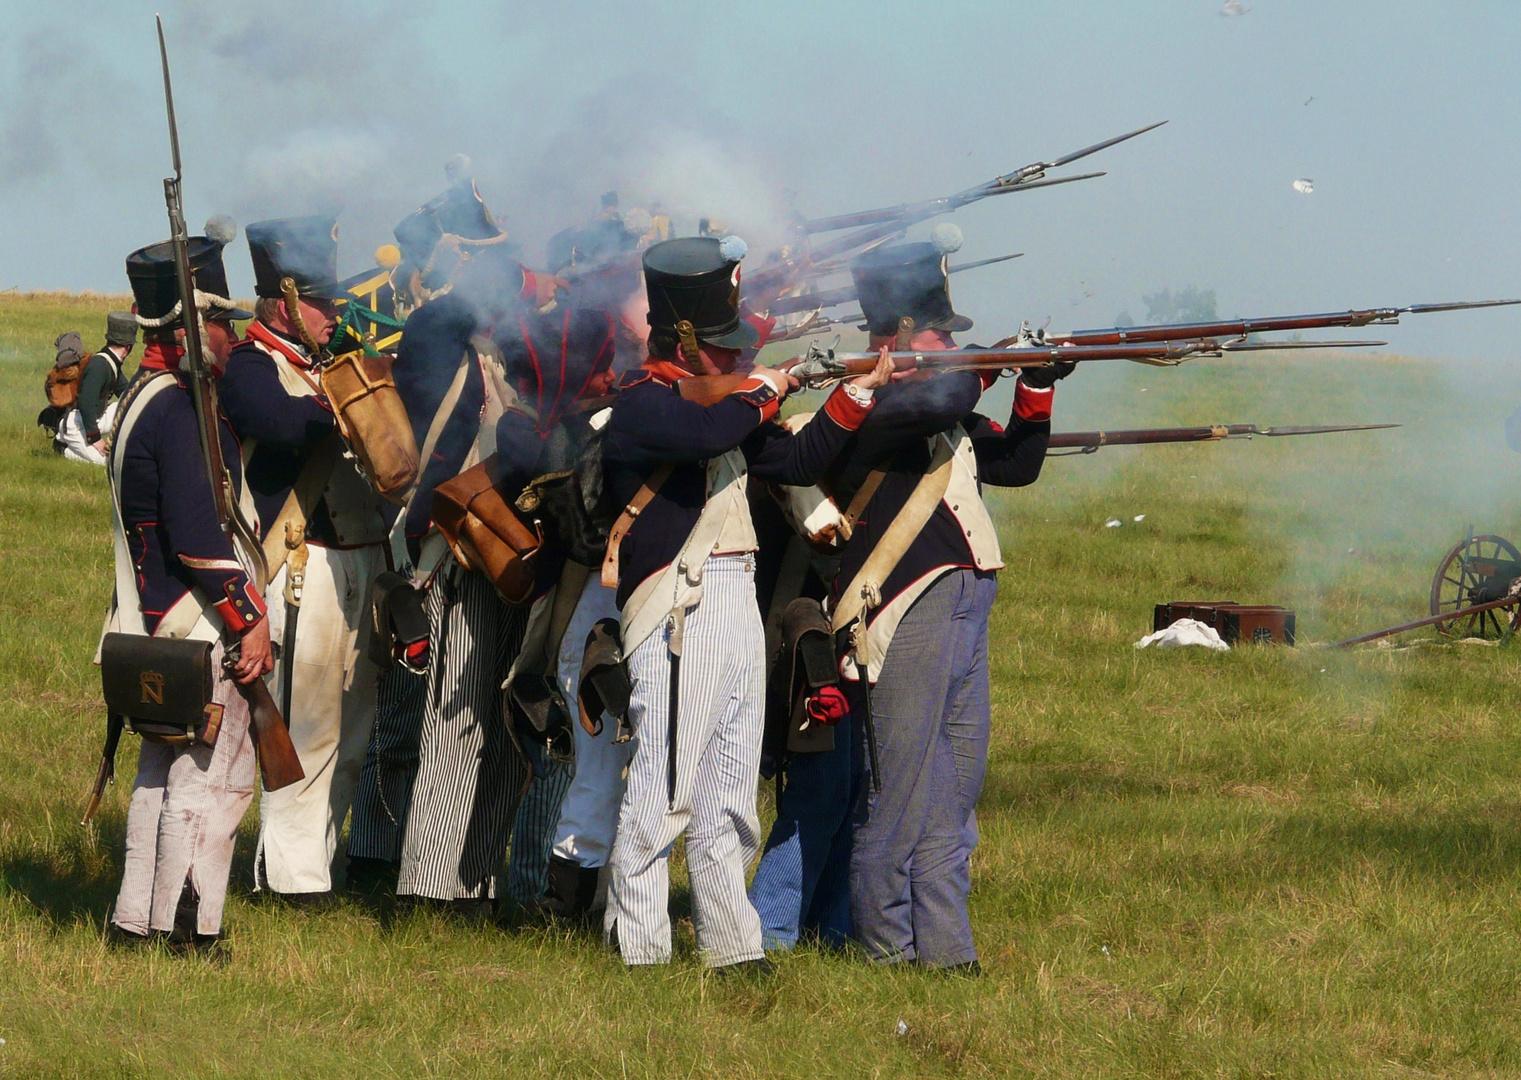 Göhrdeschlacht von 1813